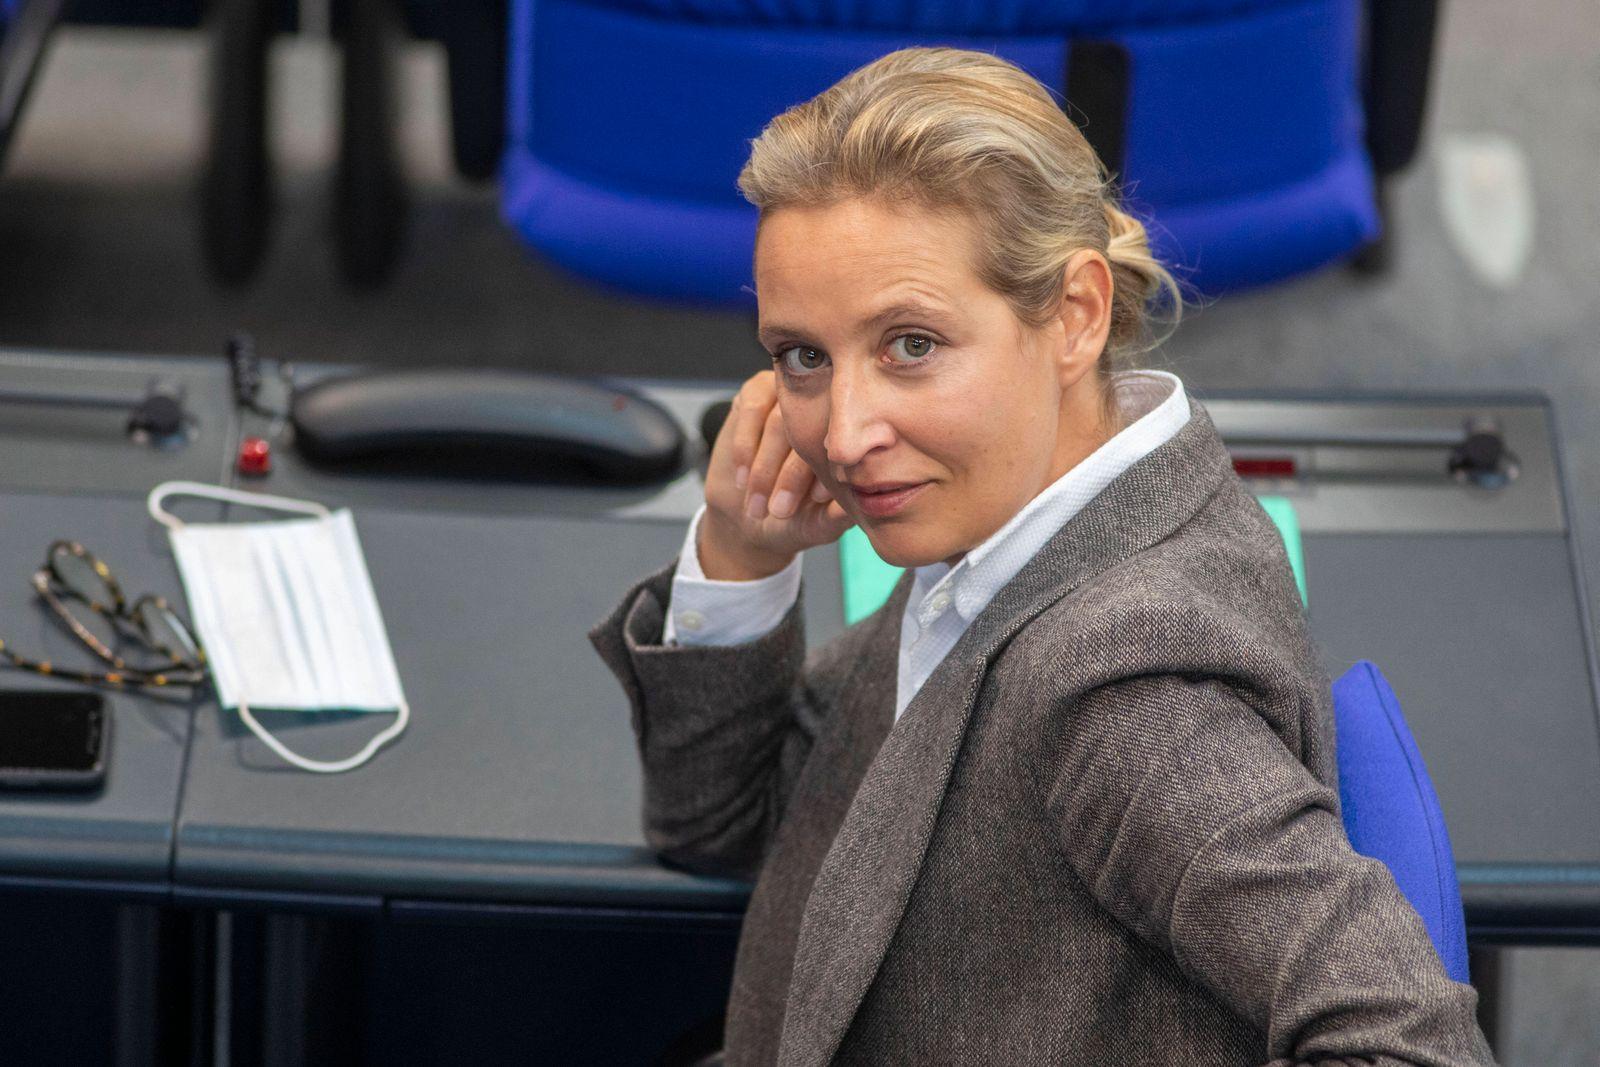 News Themen der Woche KW47 News Bilder des Tages Deutschland, Berlin, Bundestag, 191. Sitzung, Alice Weidel AfD, 18.11.